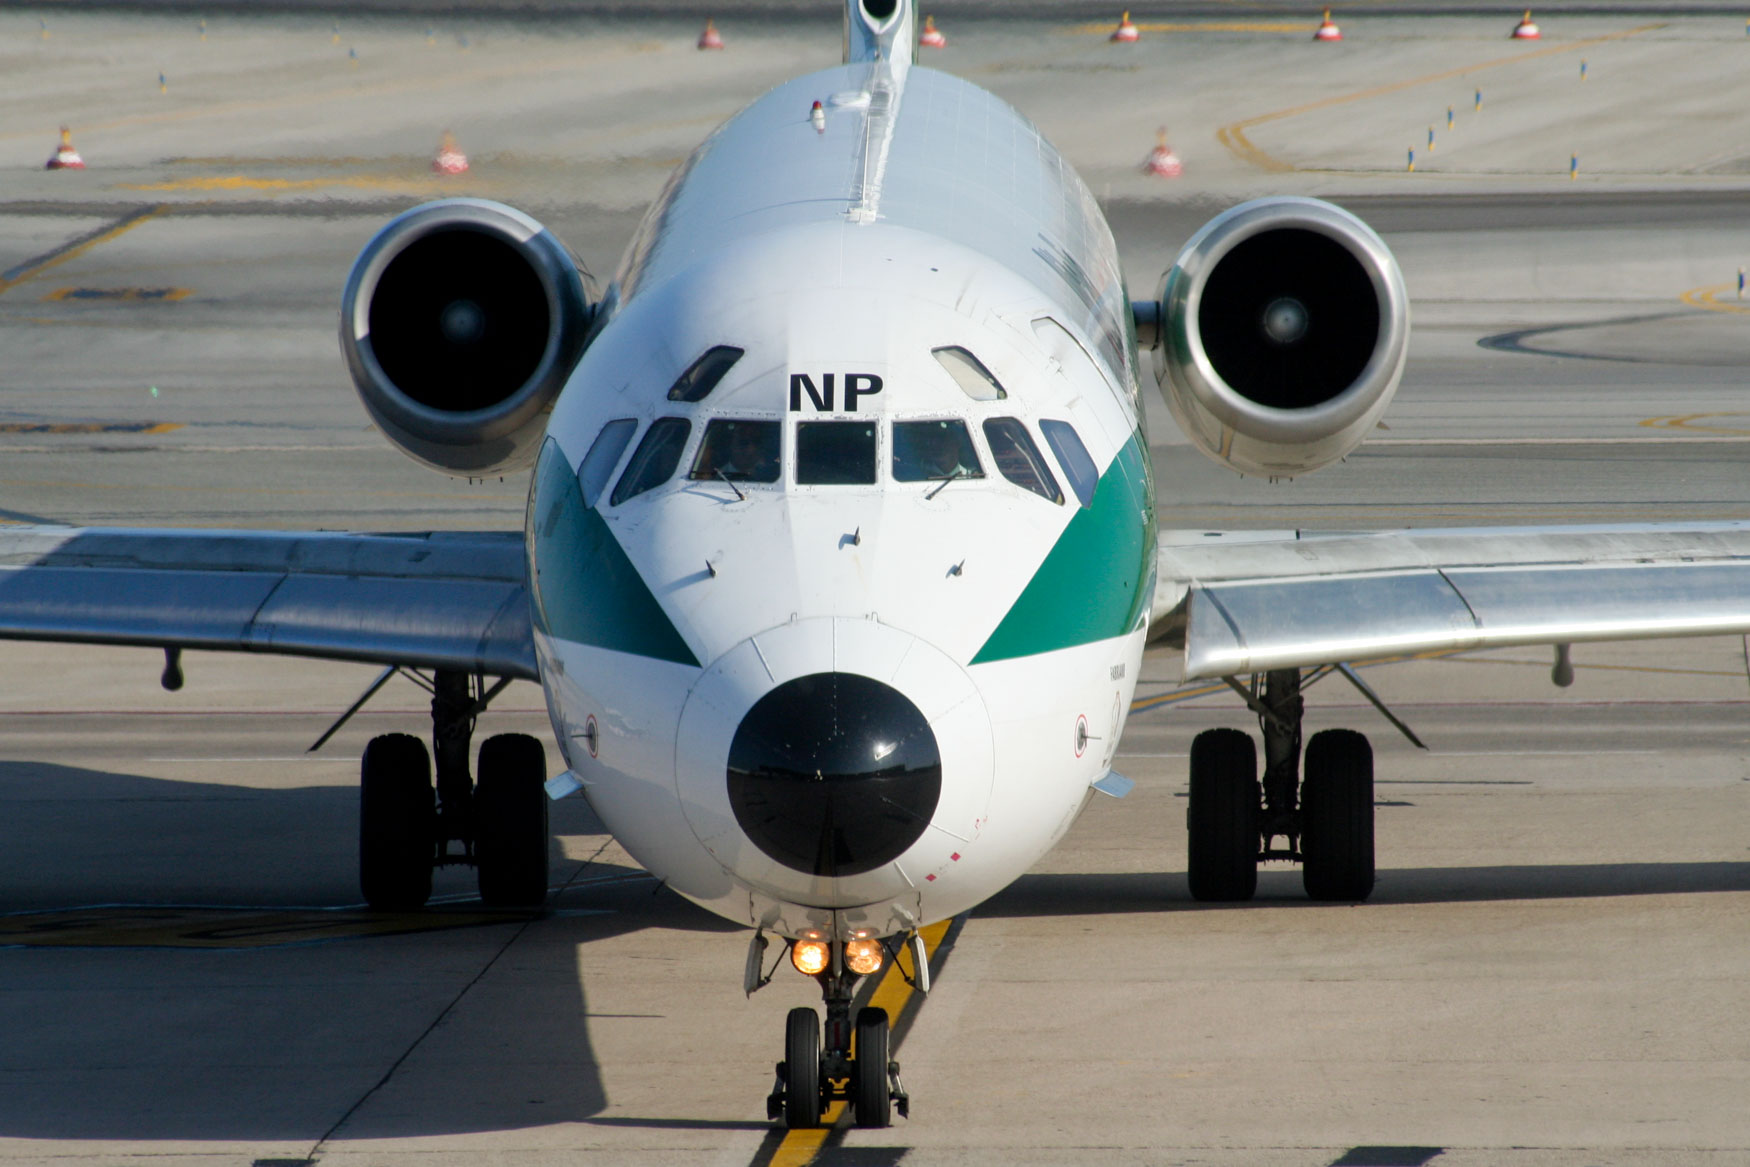 Alitalia MD-82